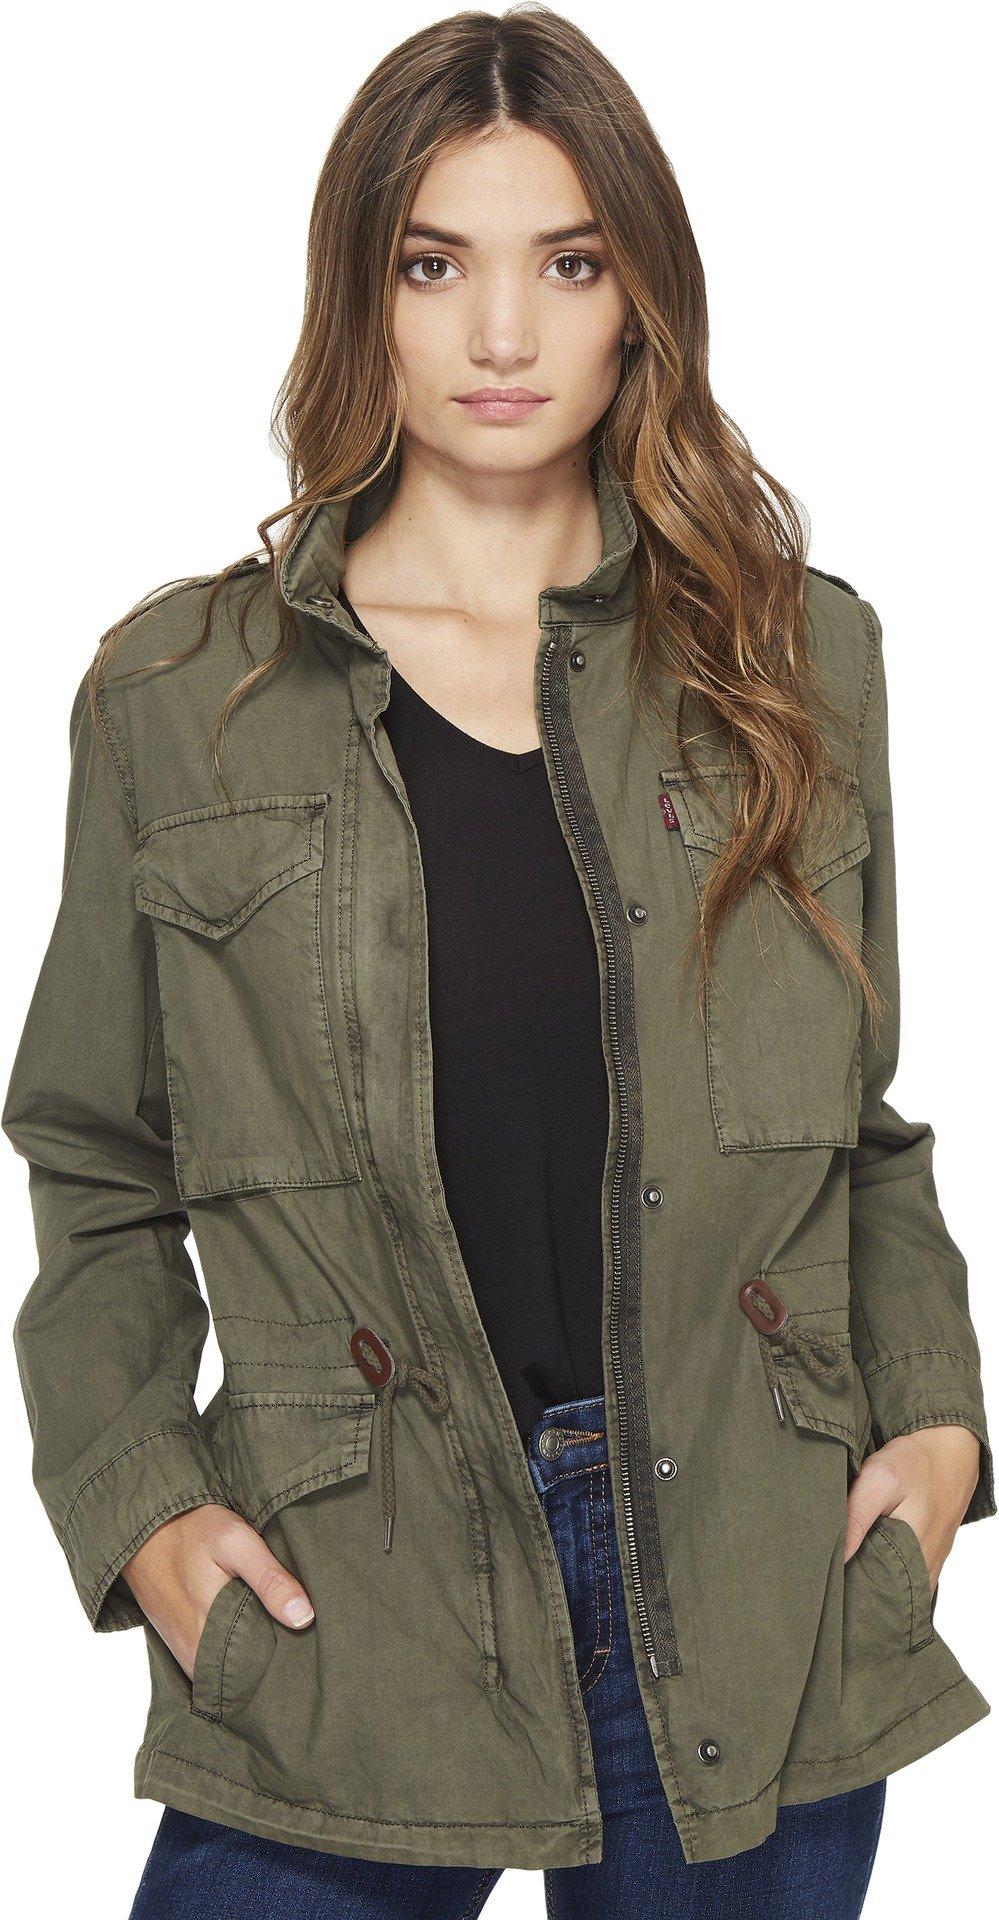 Levi's Women's Parachute Cotton Military Jacket, Agn, XL